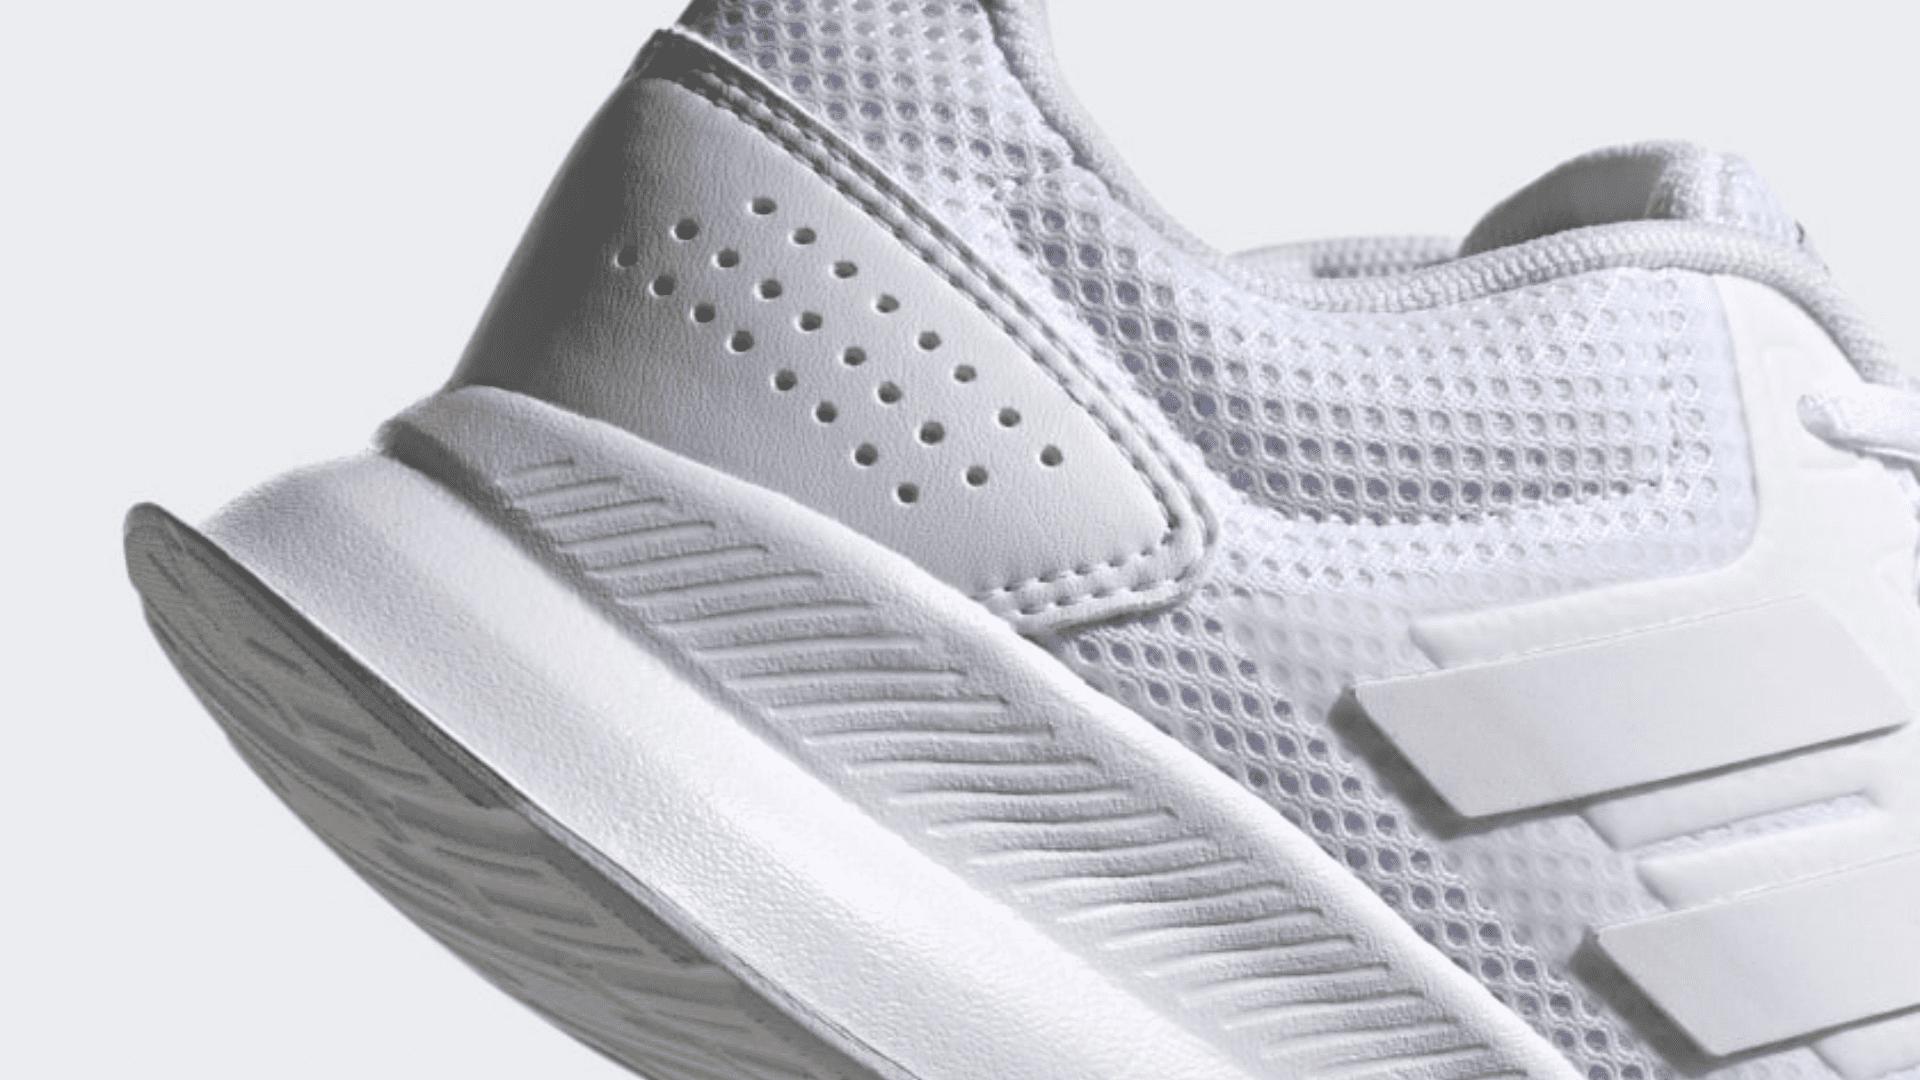 O Adidas Run Falcon garante um amortecimento leve e macio (Imagem: Divulgação/Adidas)